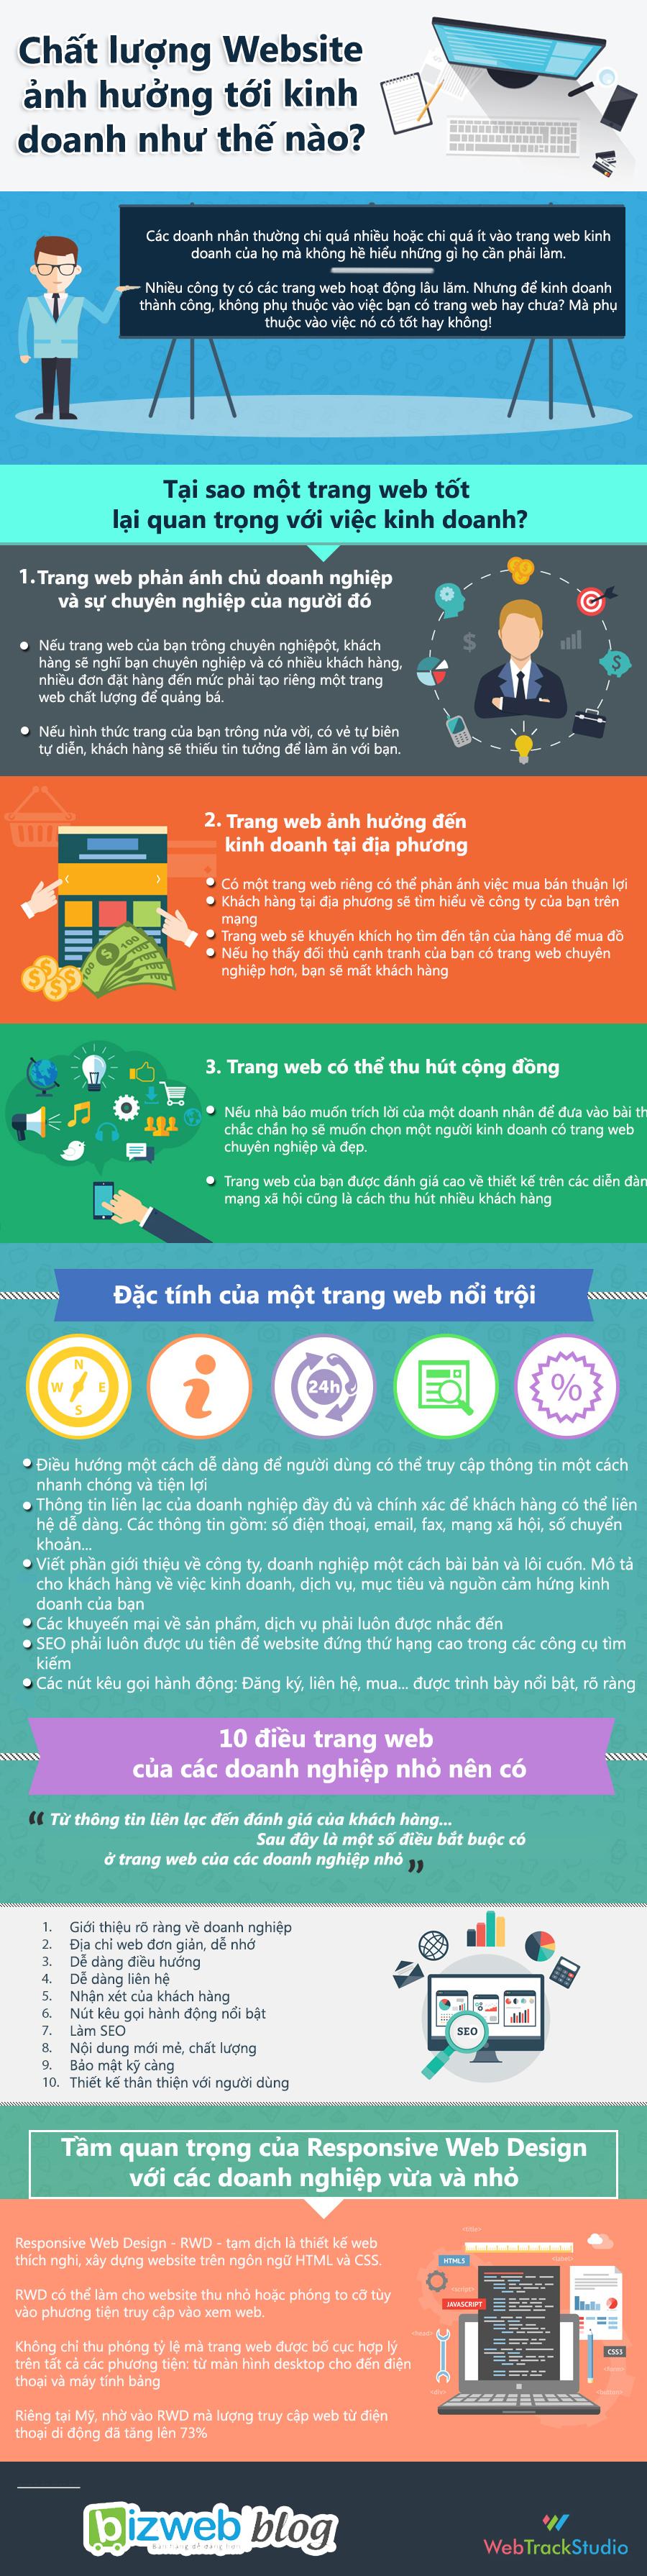 [Infographic] Để kinh doanh tốt: Đừng làm website nửa vời!